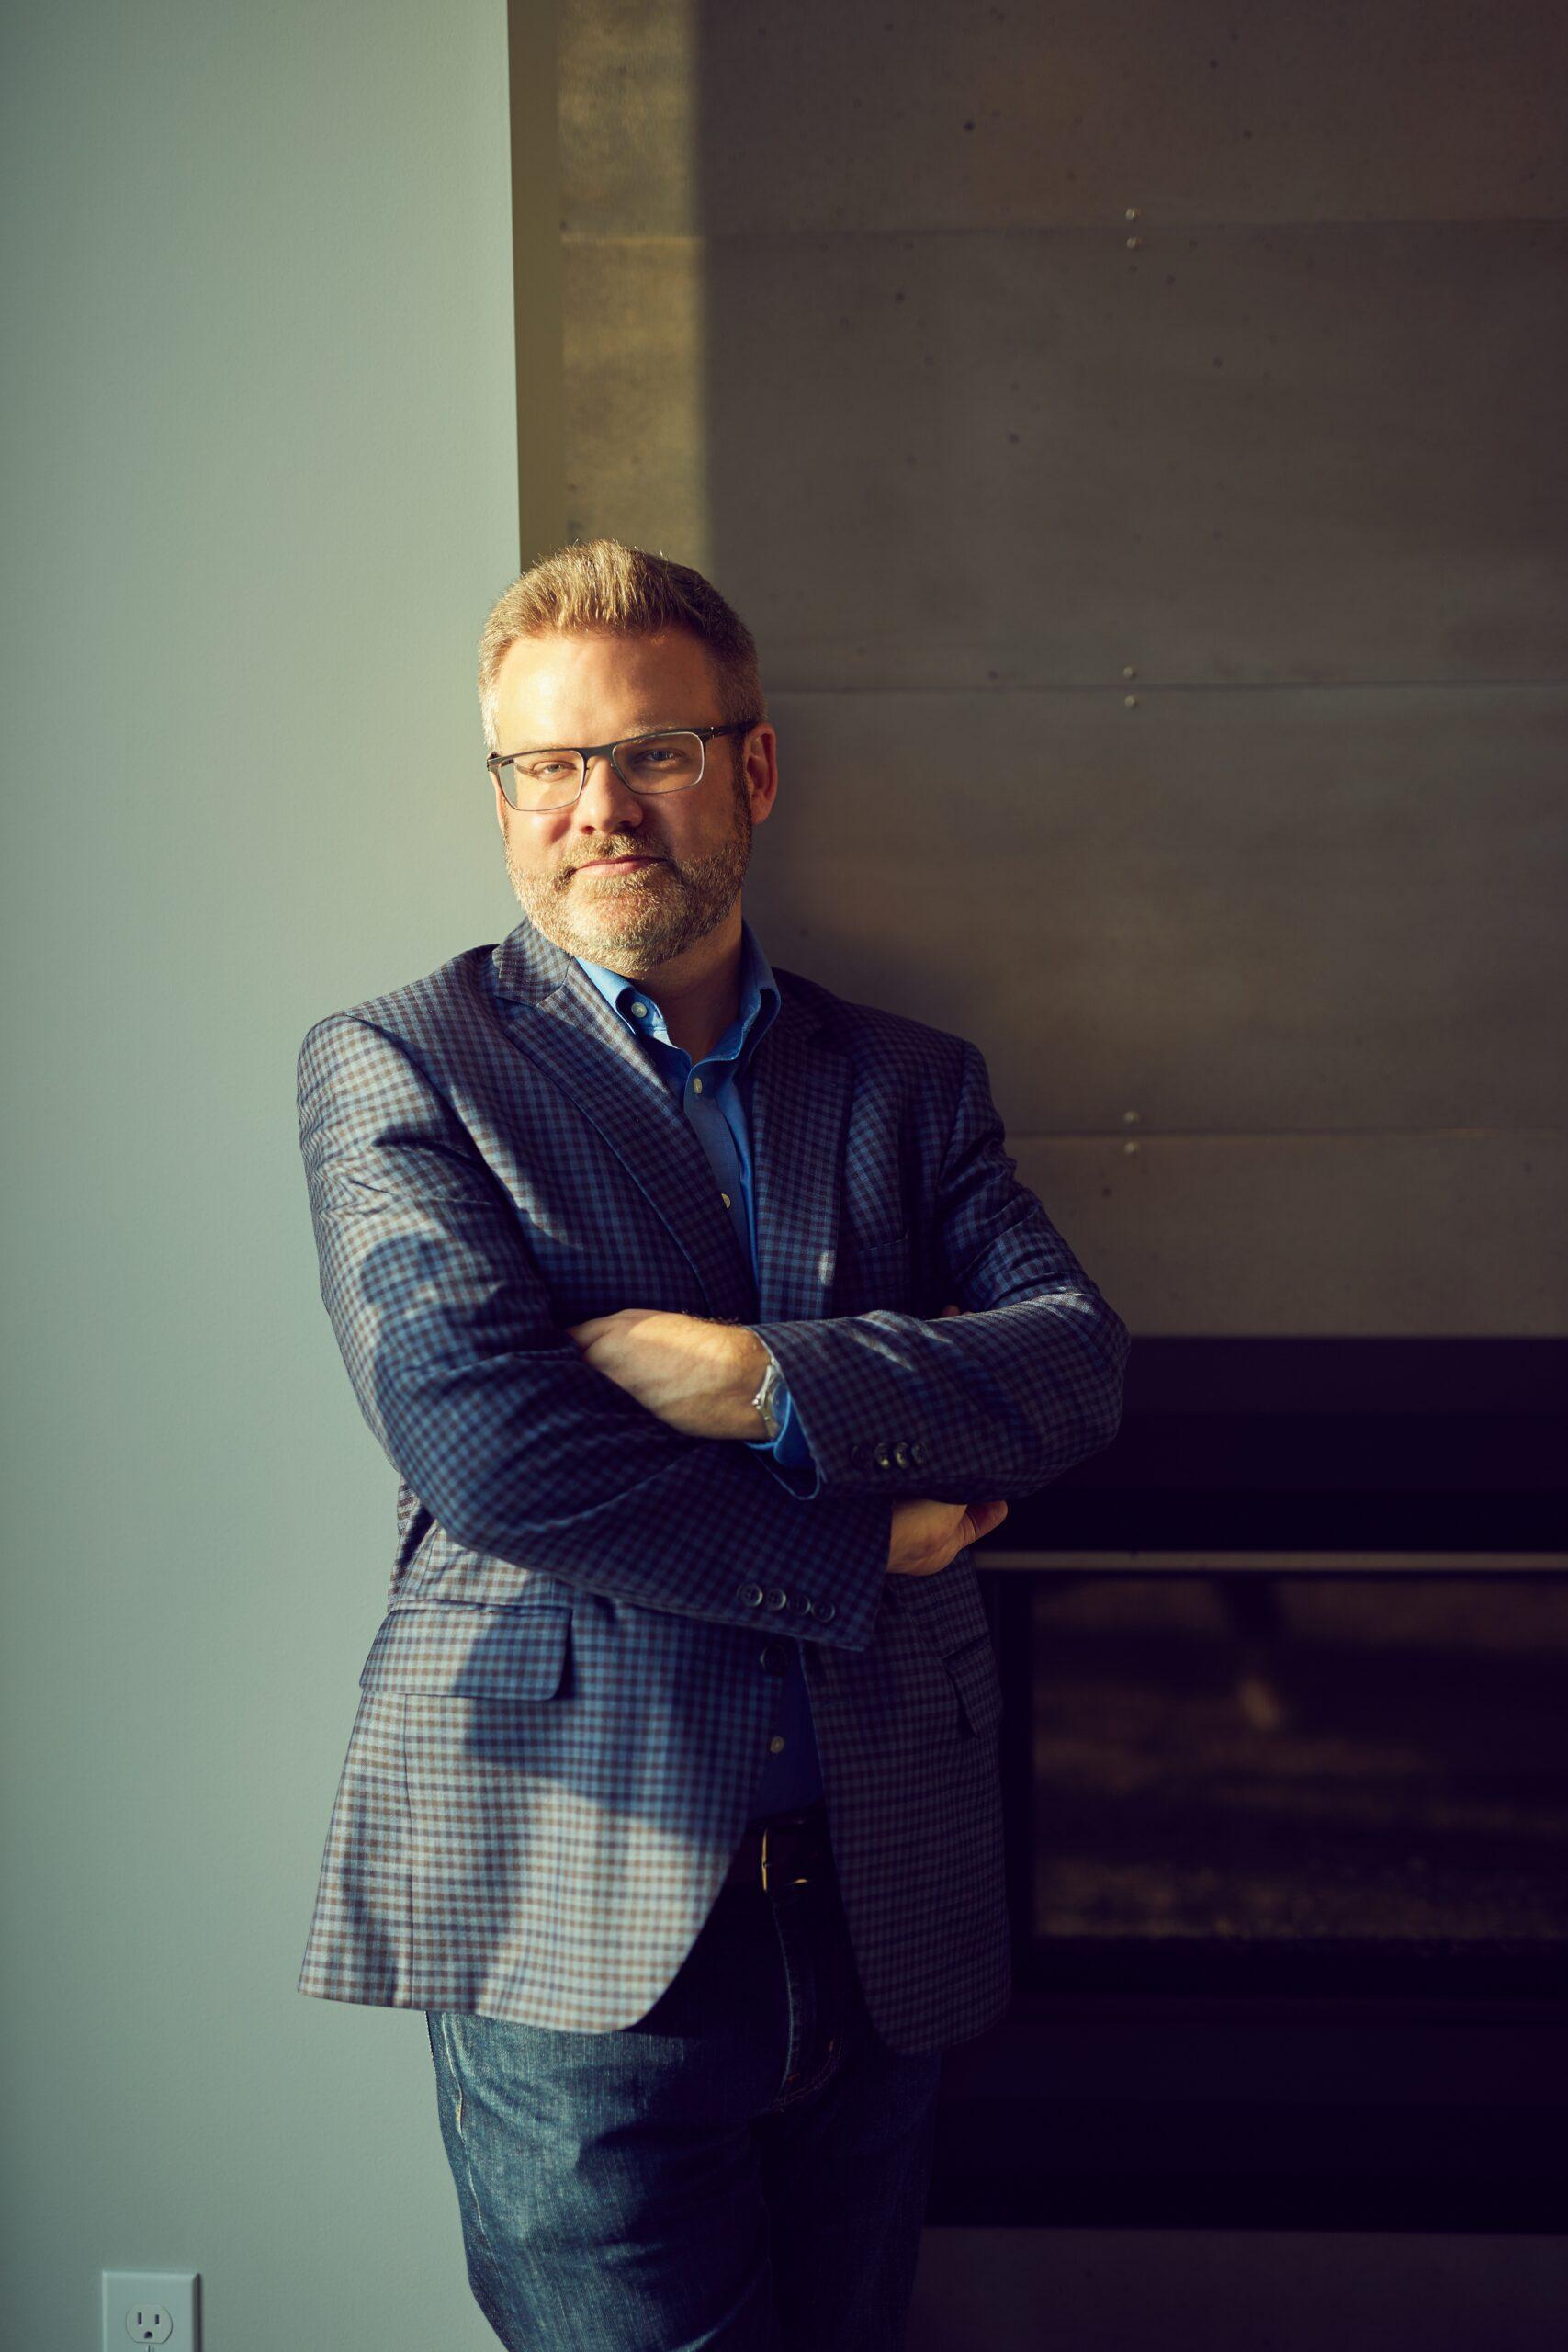 Jason Foss Director of Urban Properties, NWG at Compass